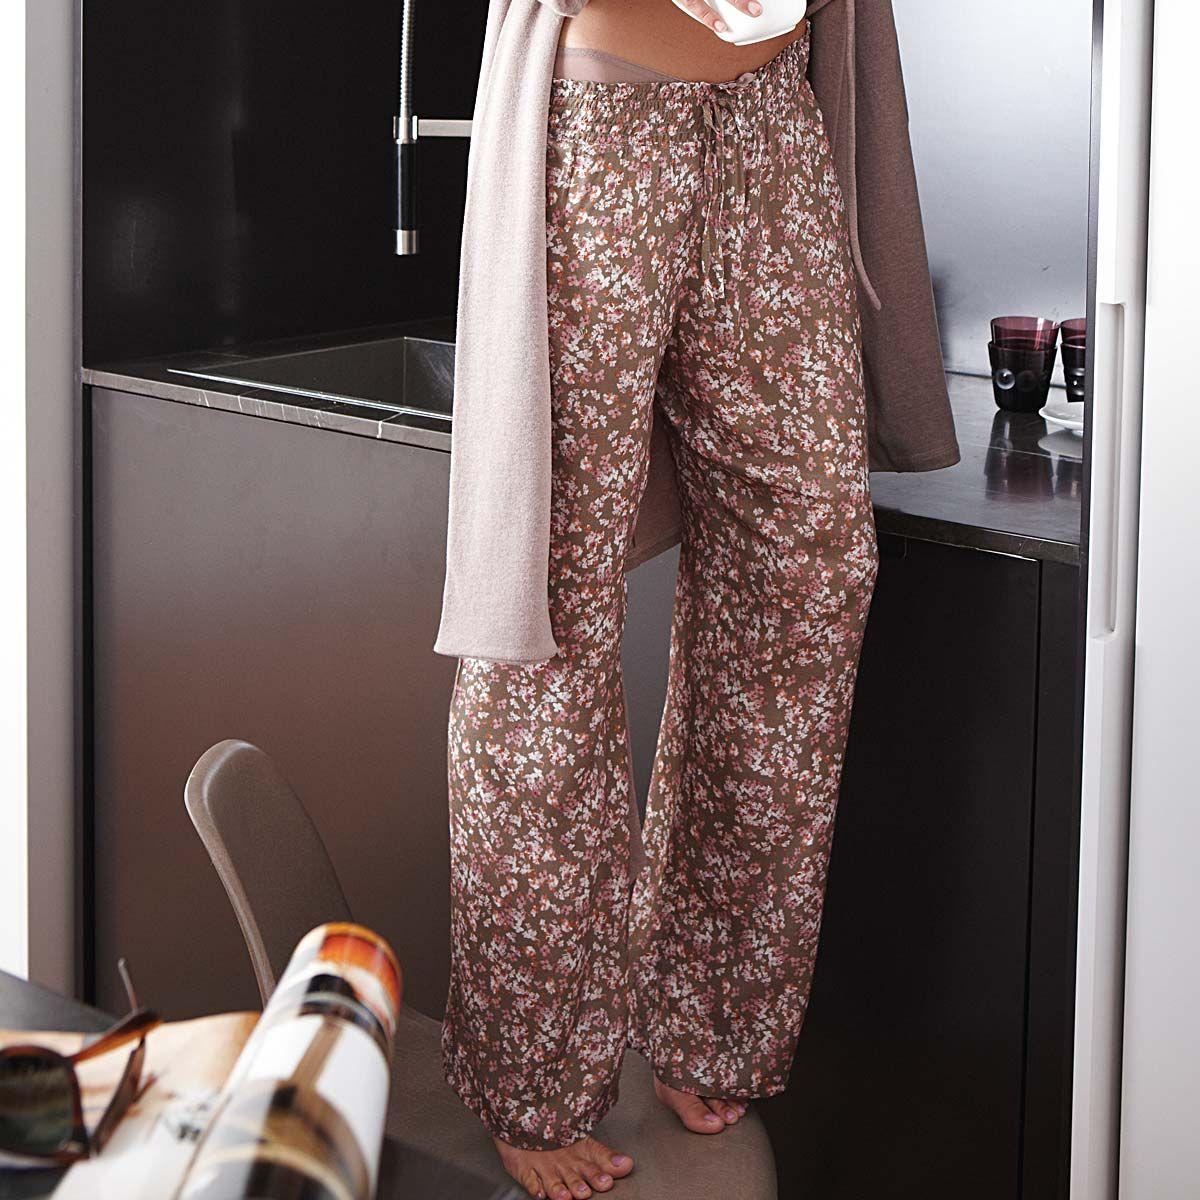 051bfdff17bd schön und gemütlich - Jogginghose   nice and cozy - sweatpants ...